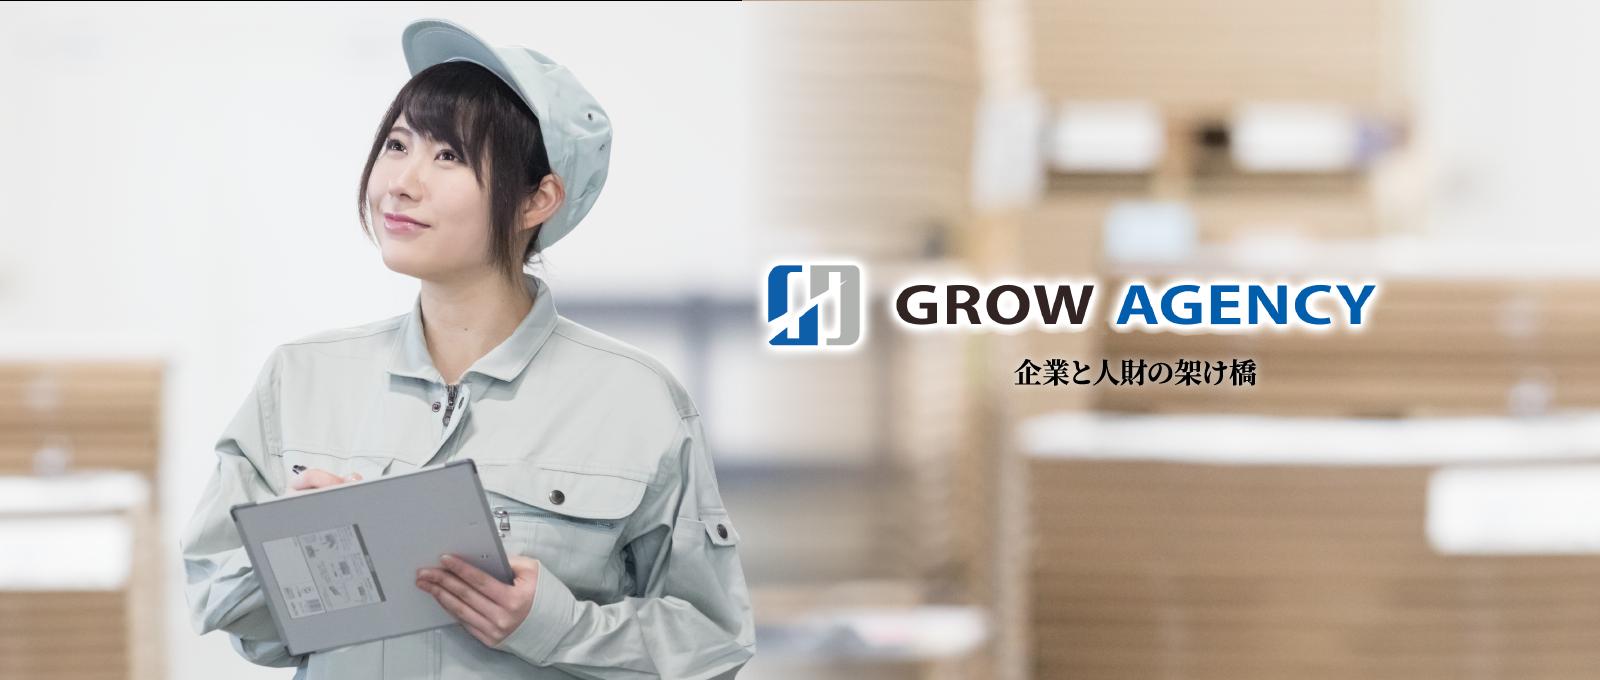 エージェンシー グロー 株式会社GROW AGENCY(グローエージェンシー)の評判・口コミ